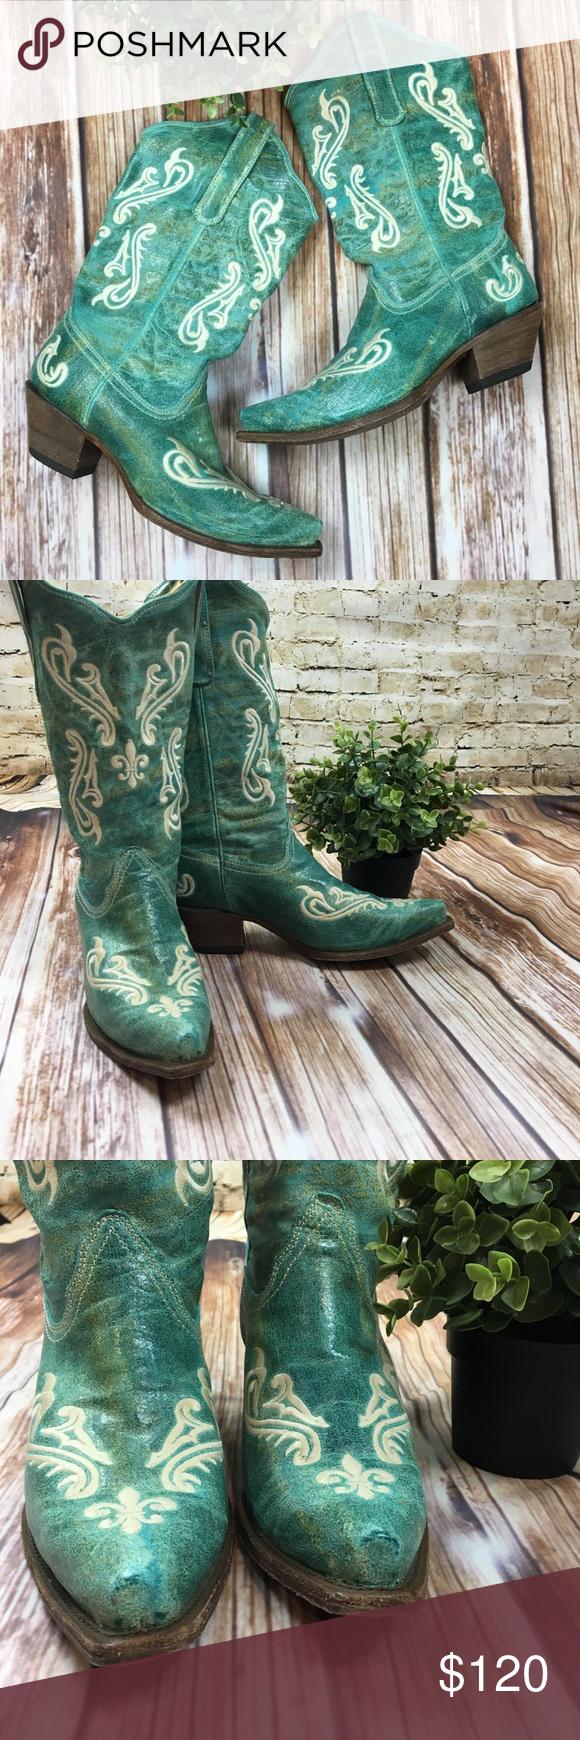 12f8d538b16 Corral Turquoise Fleur-De-Lis Cowboy Boots Sz 10 These boots are ...